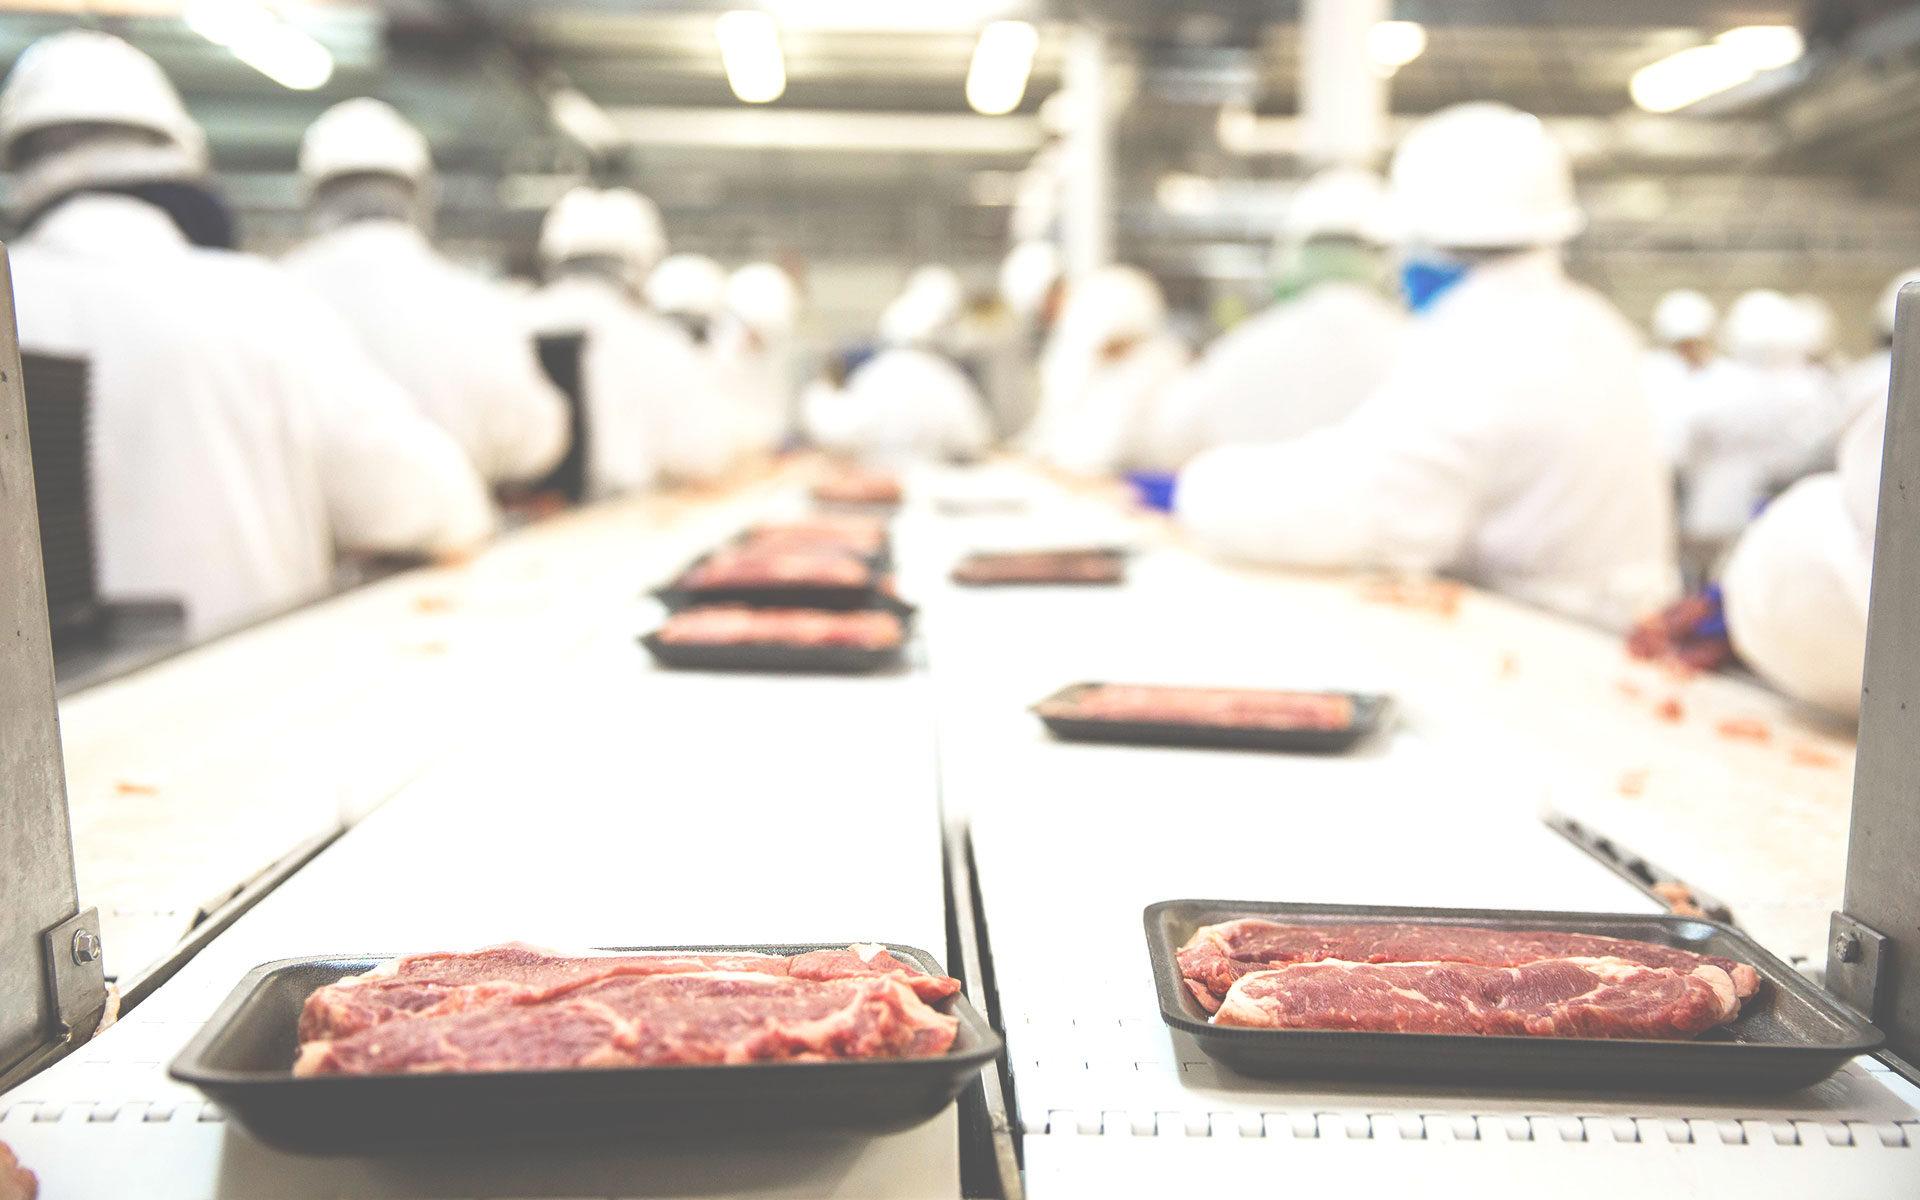 Vestuario desechable para la industria alimentaria.